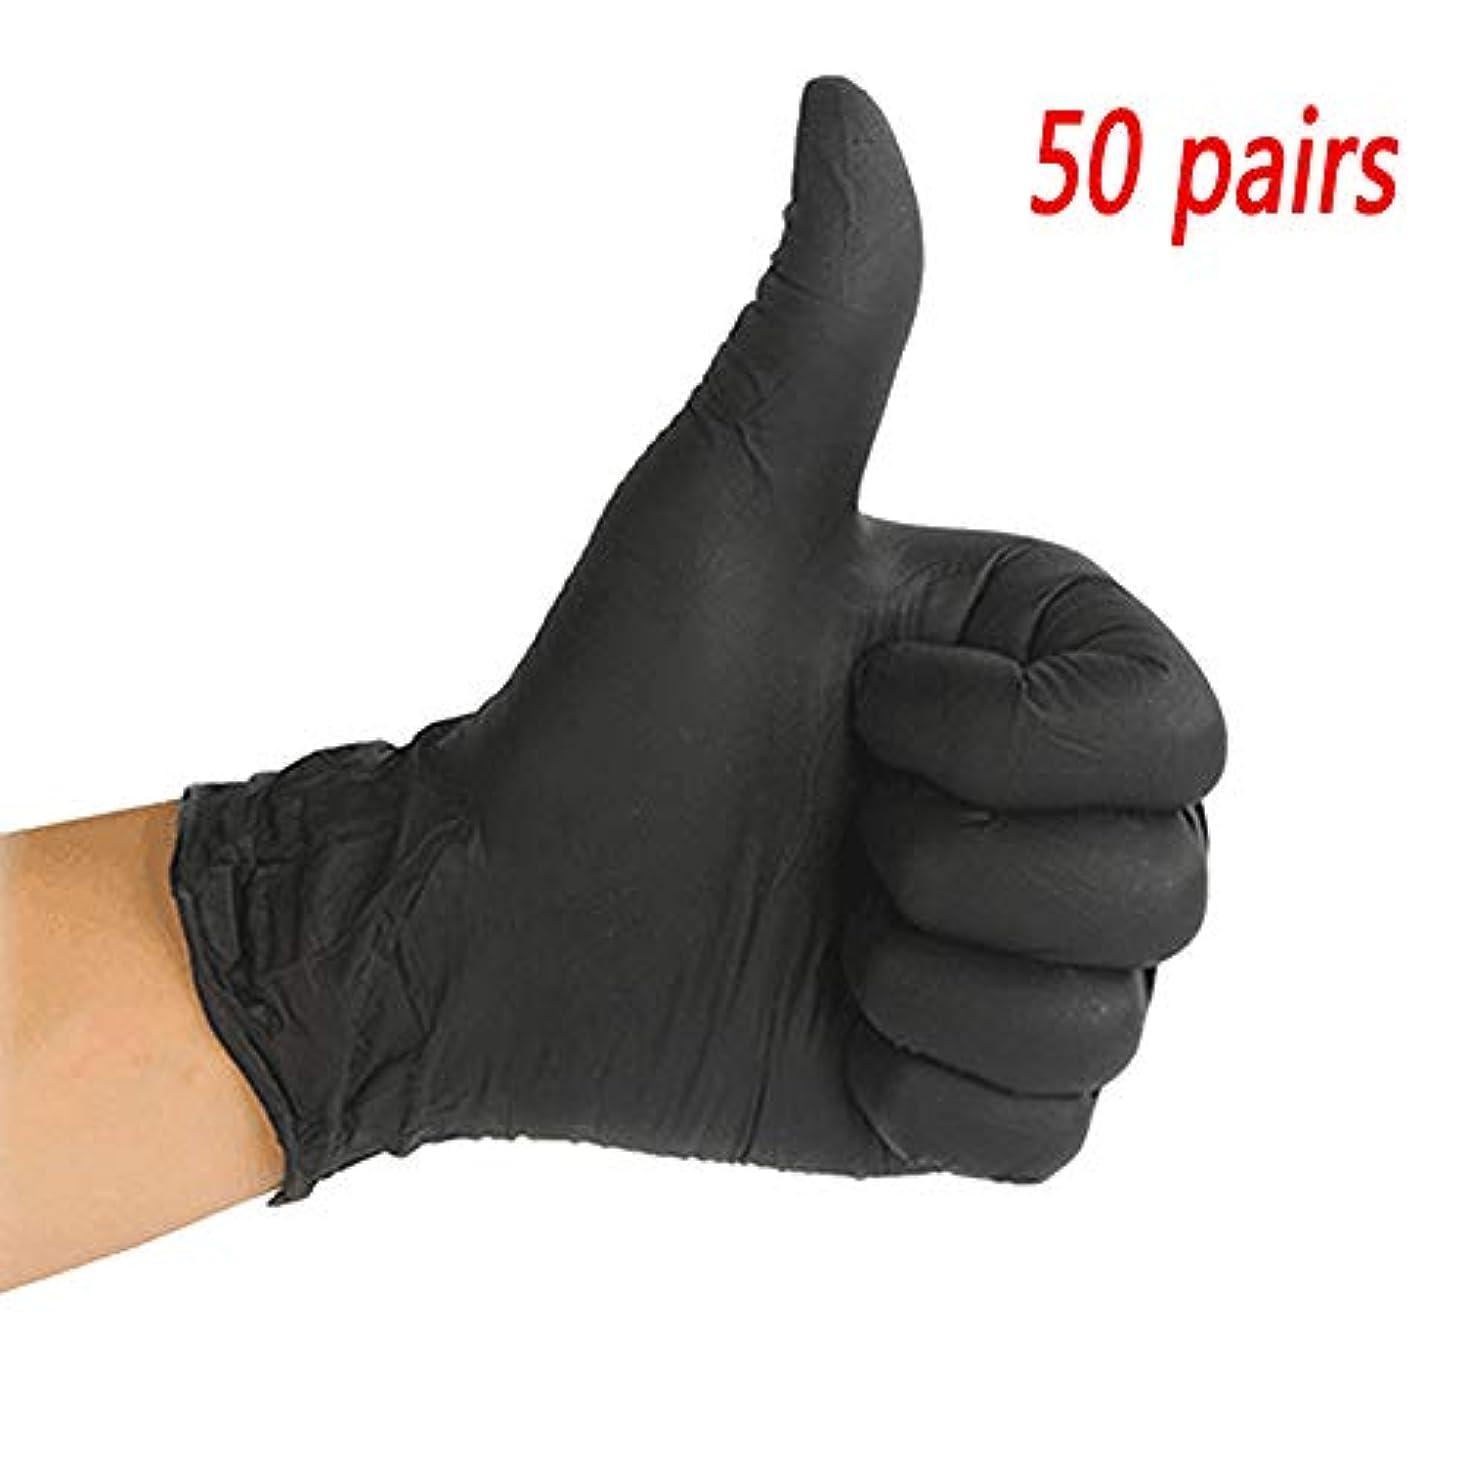 変換する手綱抑圧使い捨て手袋 100枚入 ニトリルグローブ 粉なし 作業手袋 耐油 料理 掃除 衛生 工業用 医療用 美容用 レストラン用 使い捨てタトゥー手袋